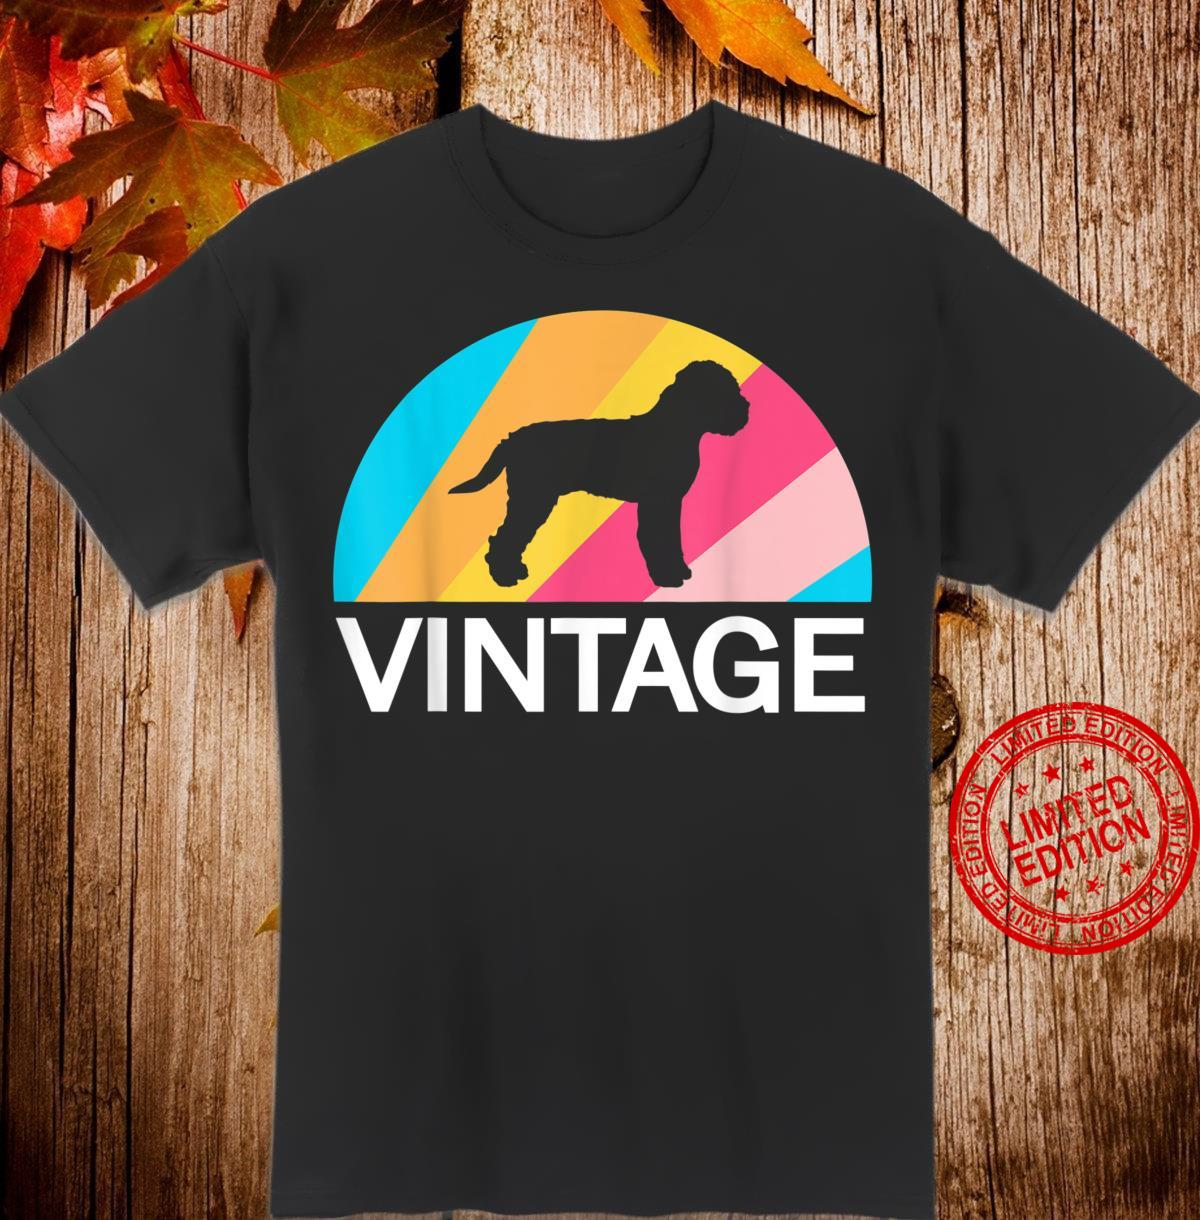 Lagotto Romagnolo Rumänischer Wasserhund Vintage Retro Hunde Shirt